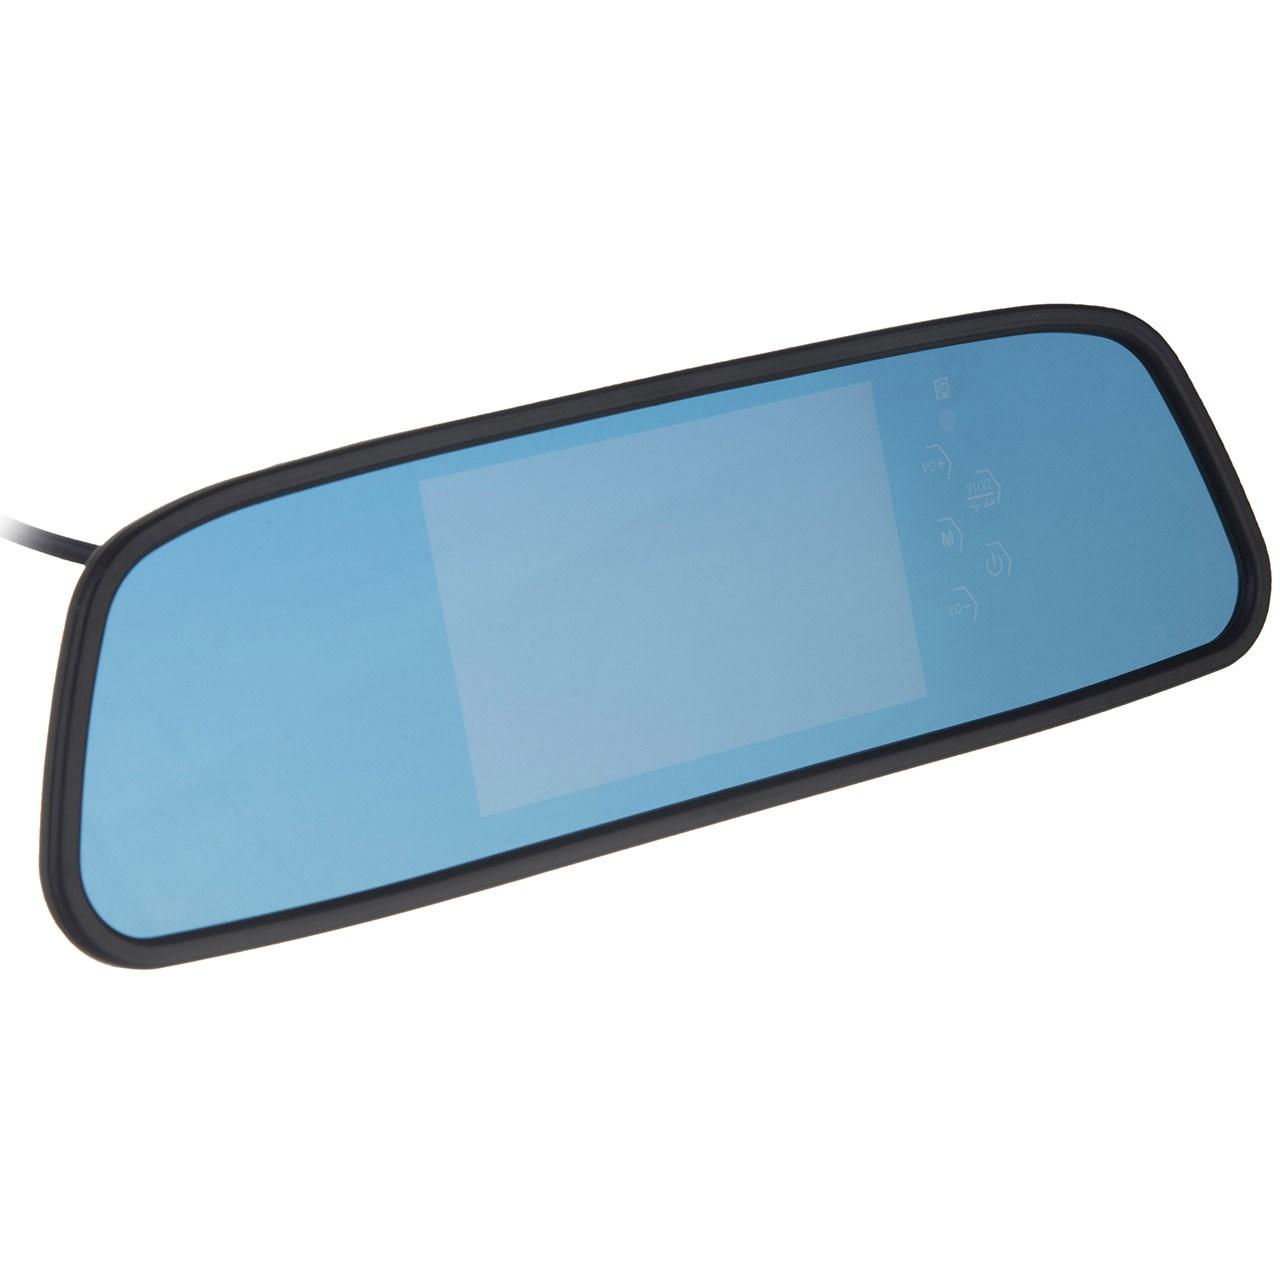 آینه مانیتور و دوربین دنده عقب ایکس3 سایز  5 اینچ